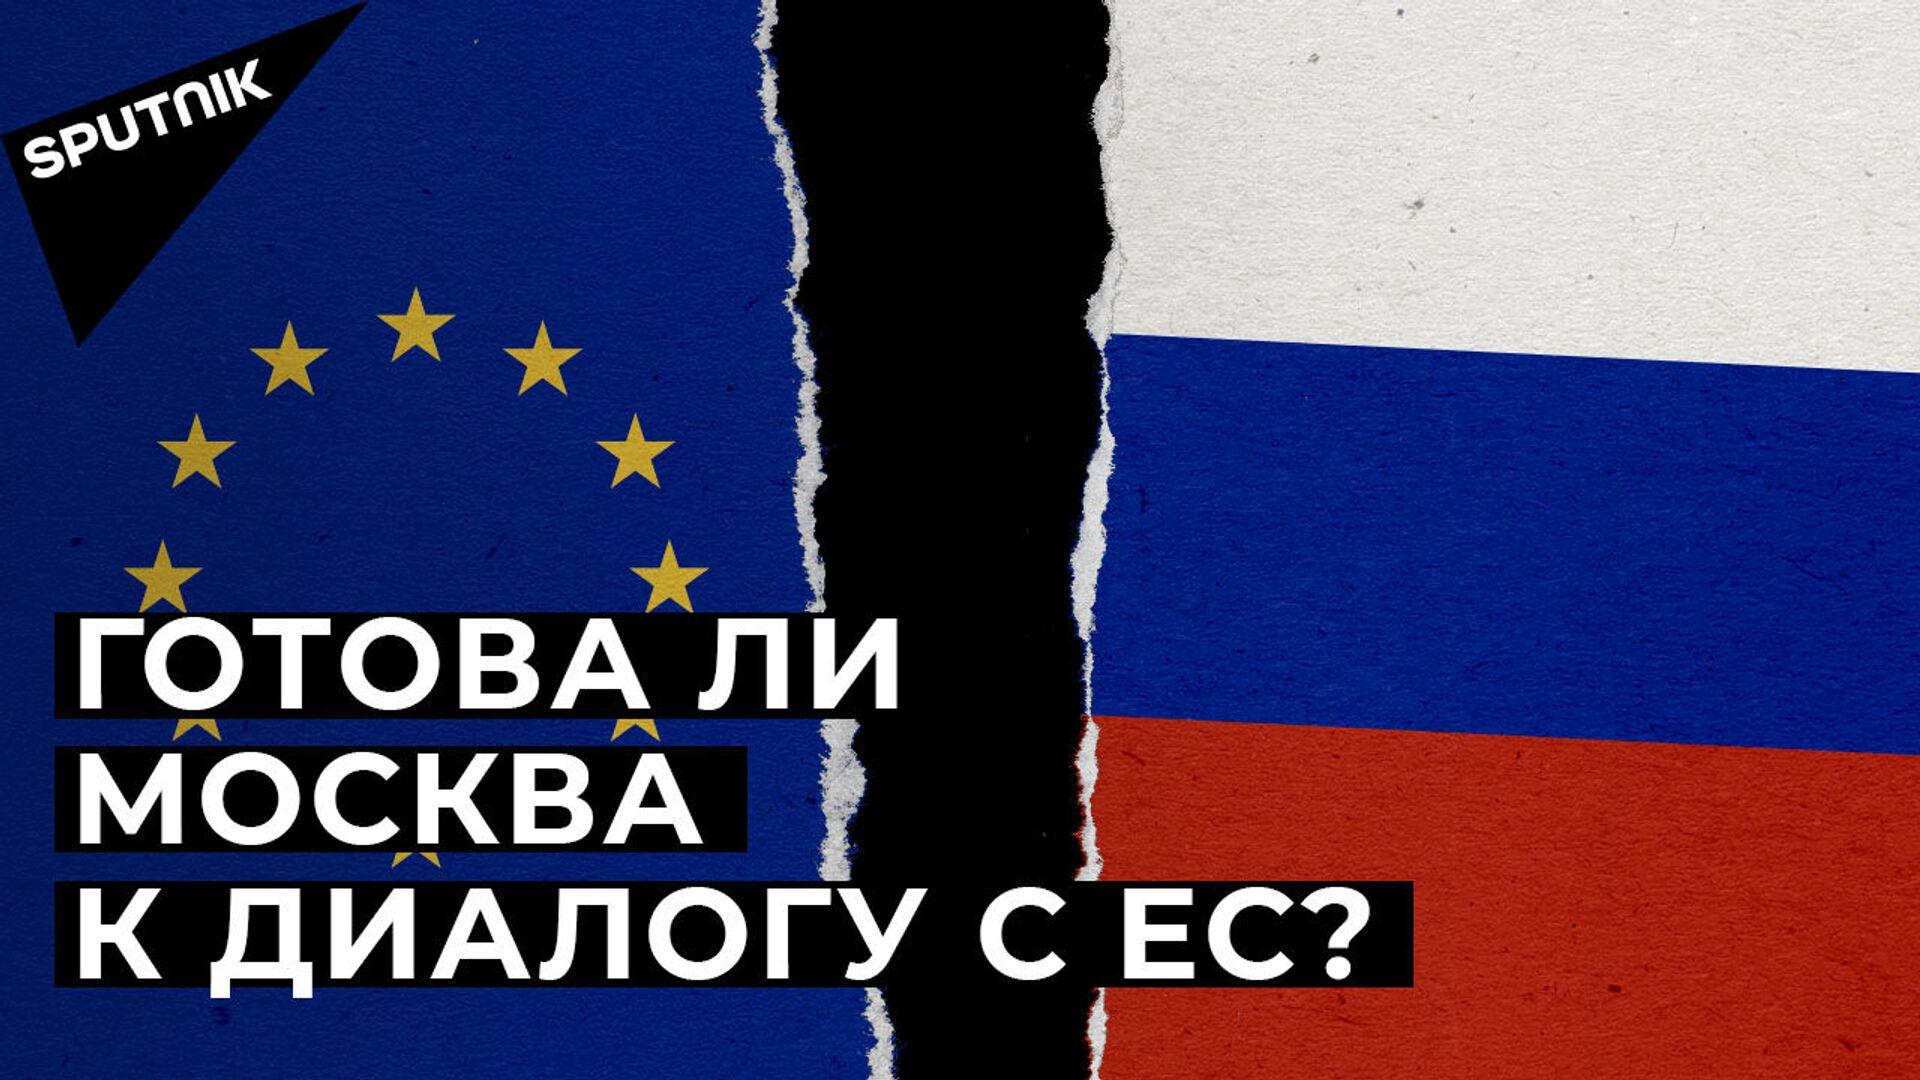 Саммит по себе. Лидеры ЕС перенесли Россию на июнь - Sputnik Латвия, 1920, 29.03.2021